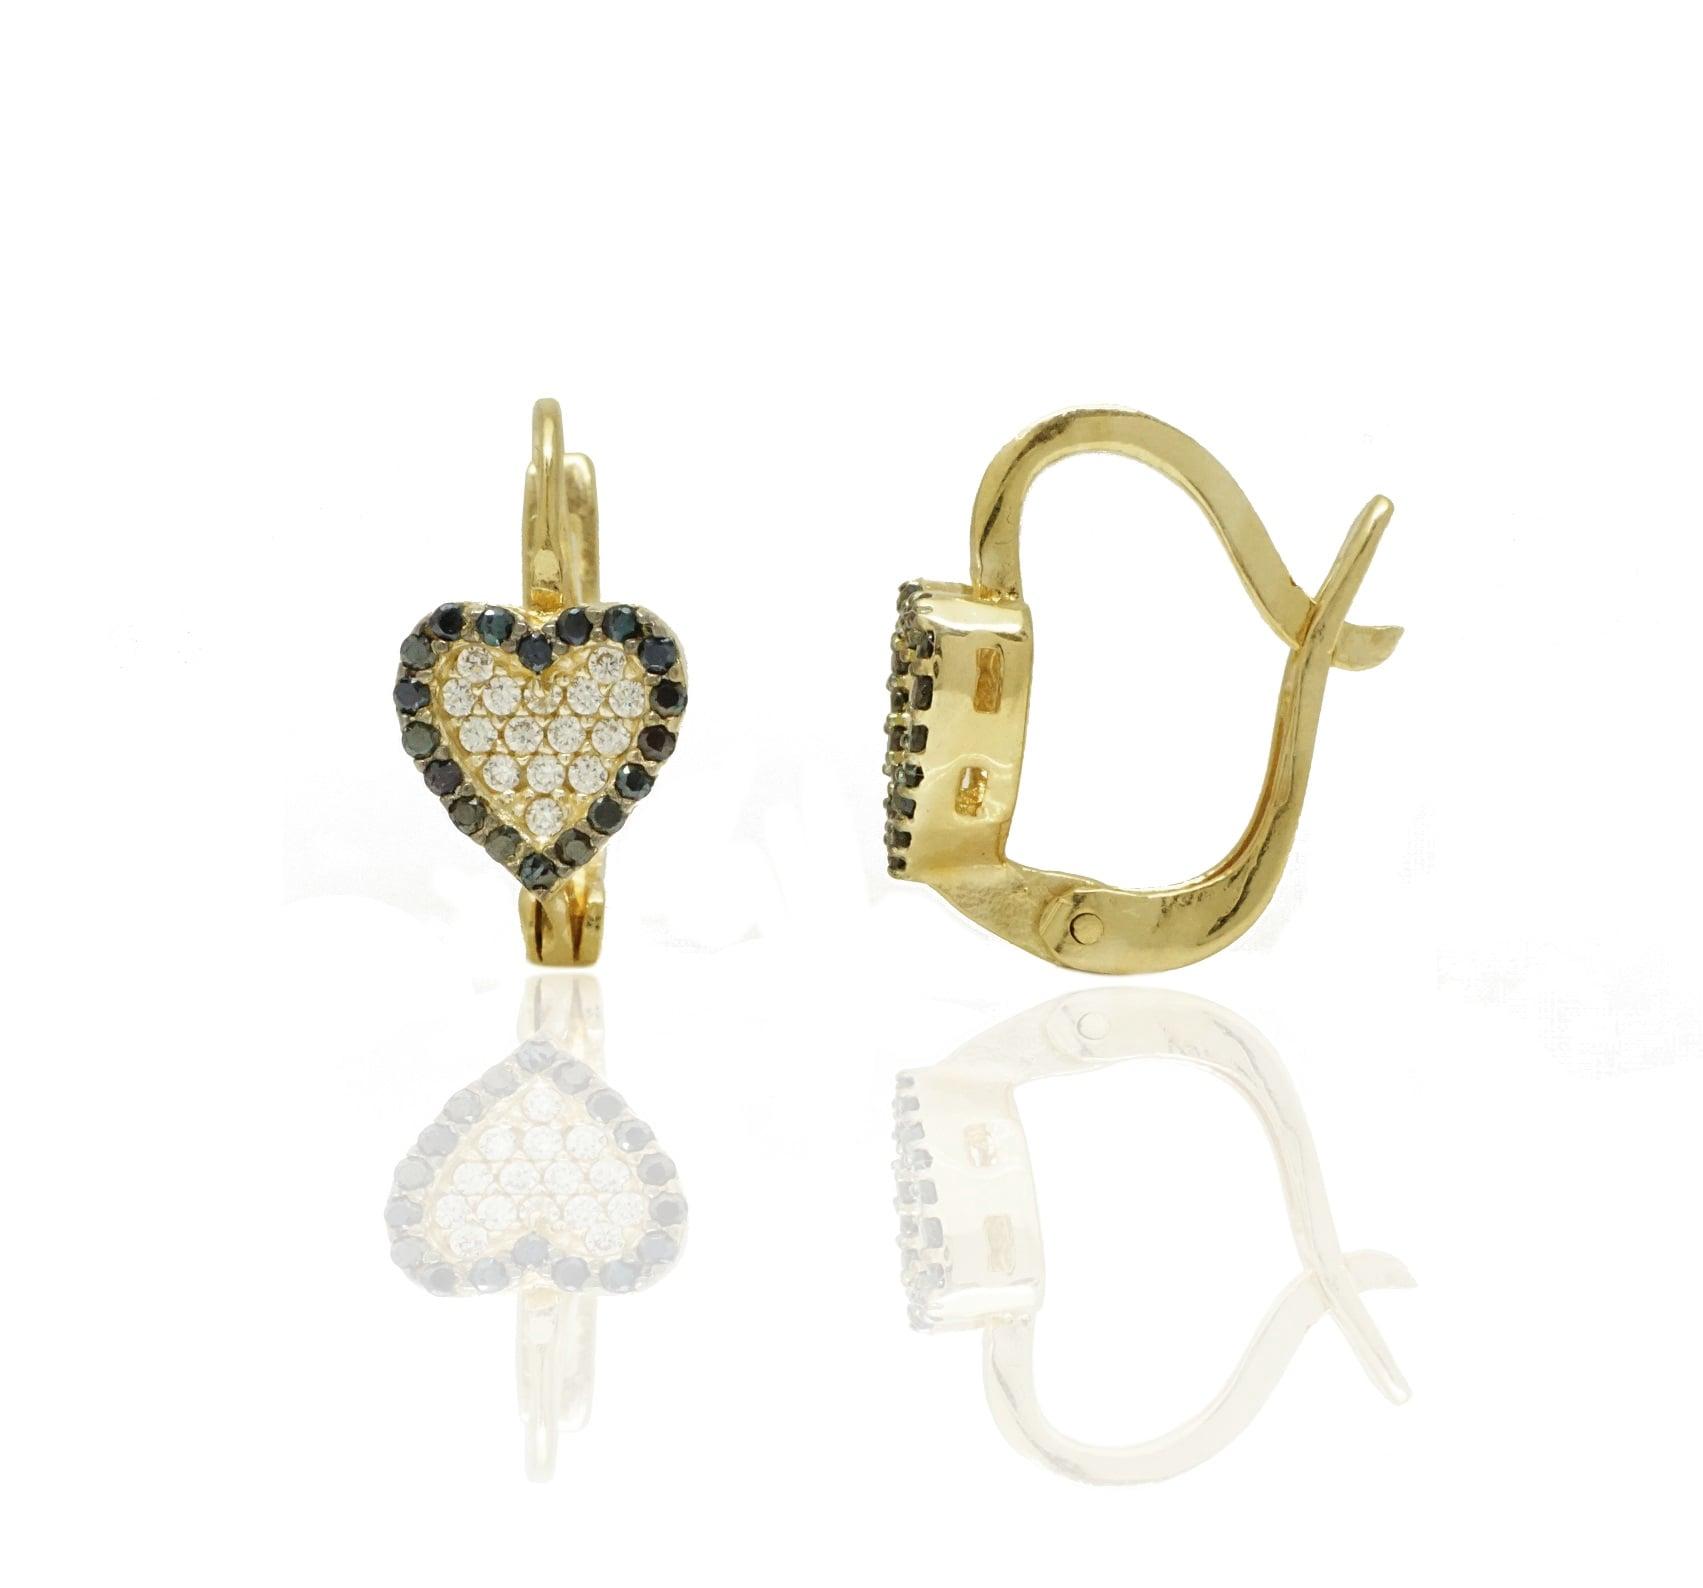 עגילי זהב לב משובצים זרקונים שחורים ולבנים מזהב 14 קרט